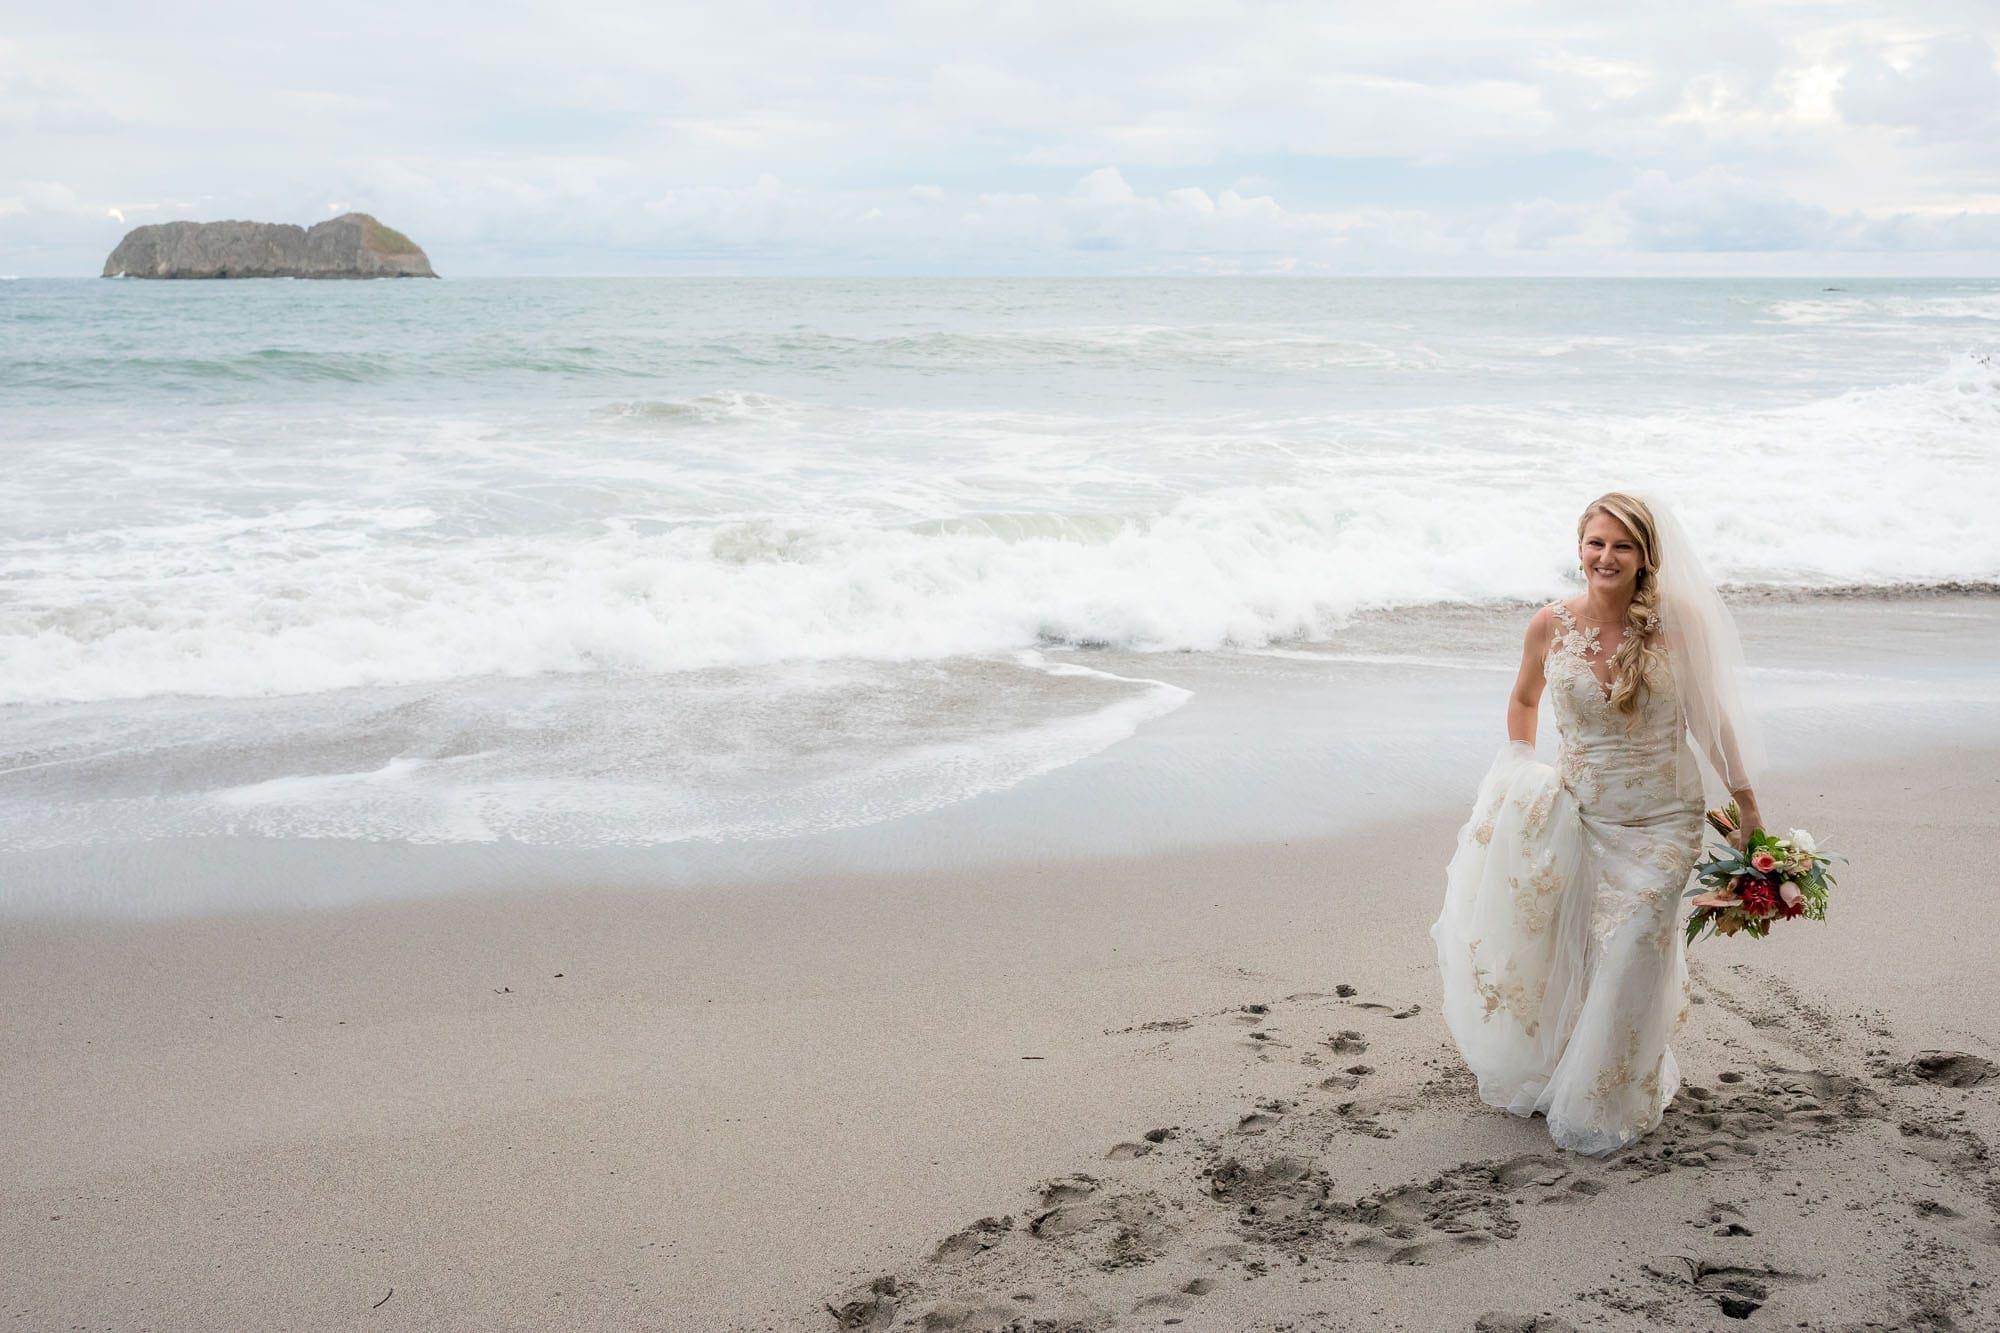 bride at beach